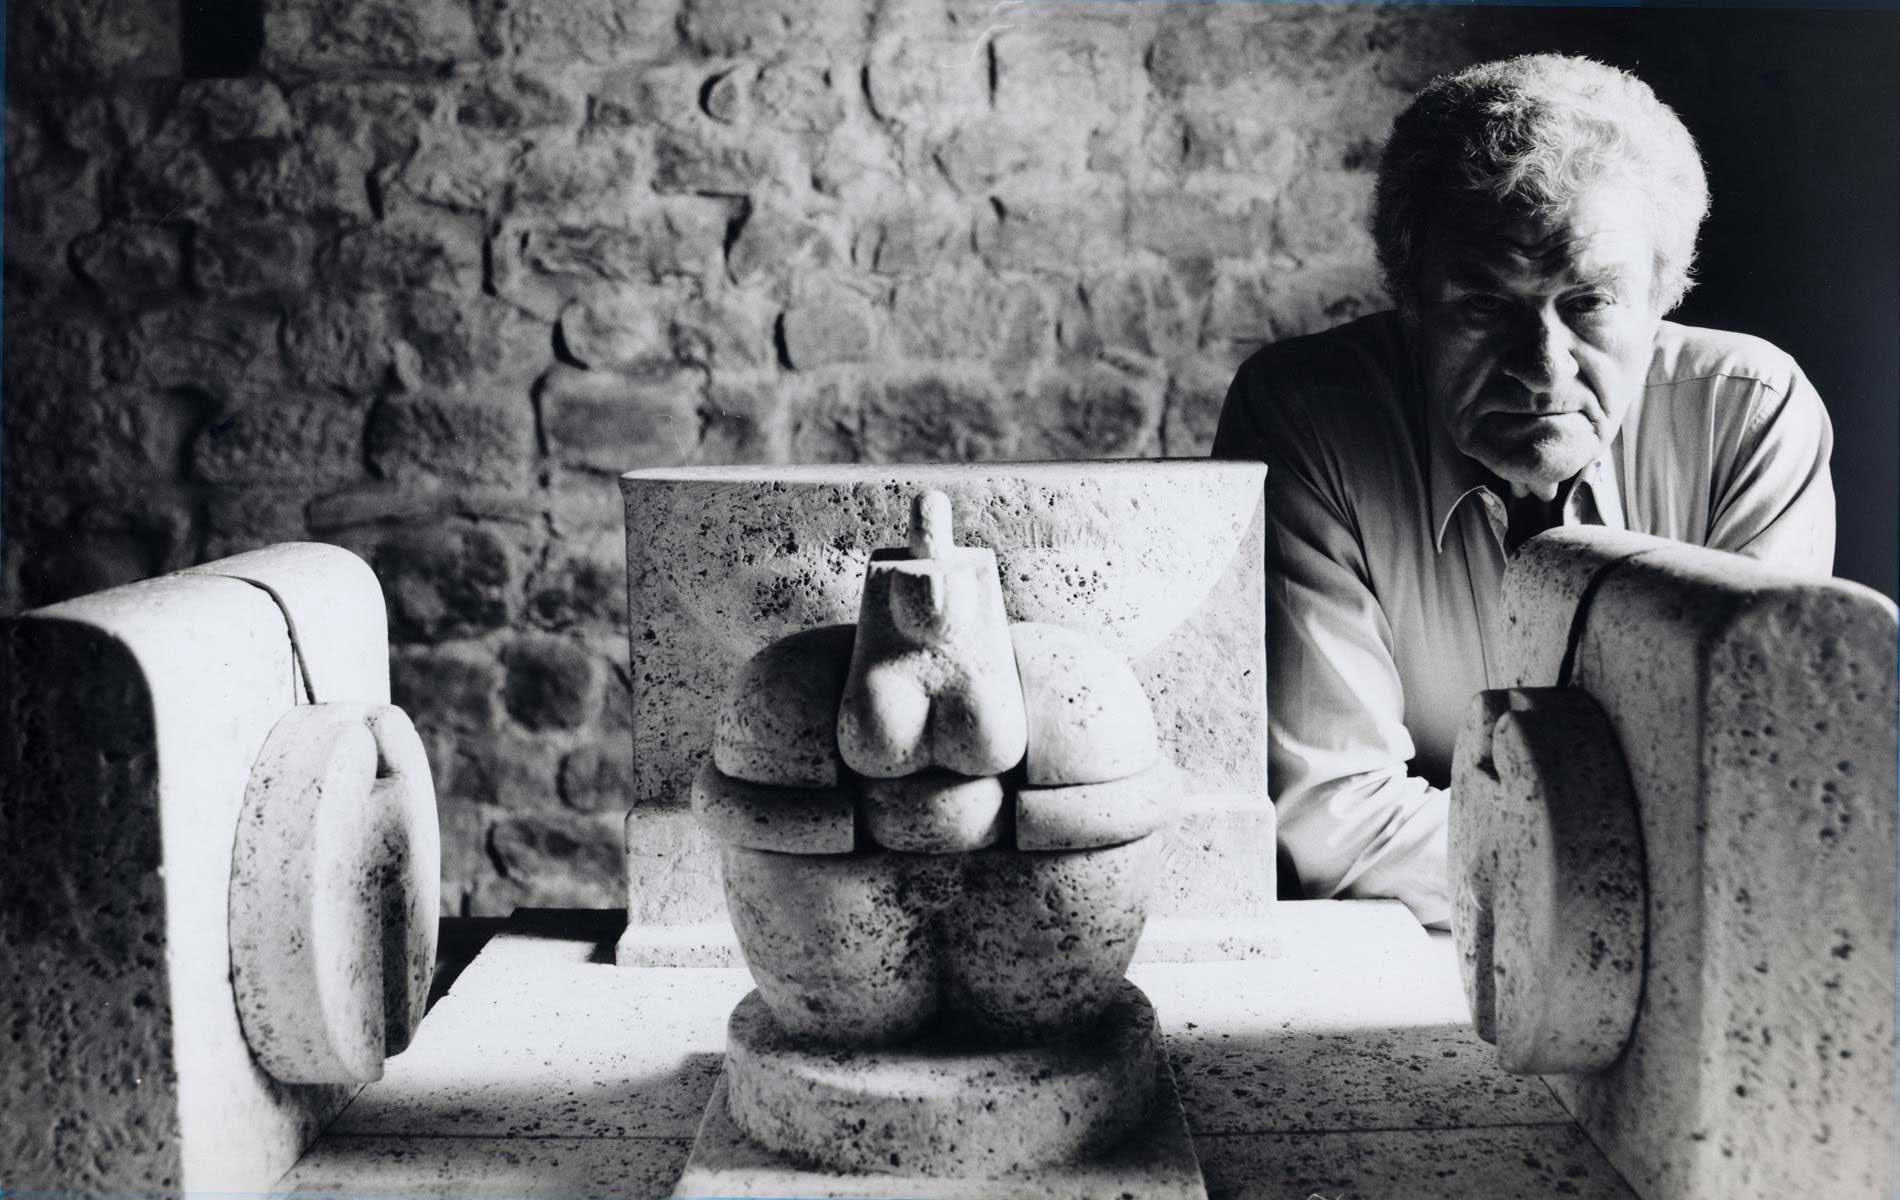 PITERO CASCELLA - Italian sculptor - Portraits Exhibition - © Graziano Villa